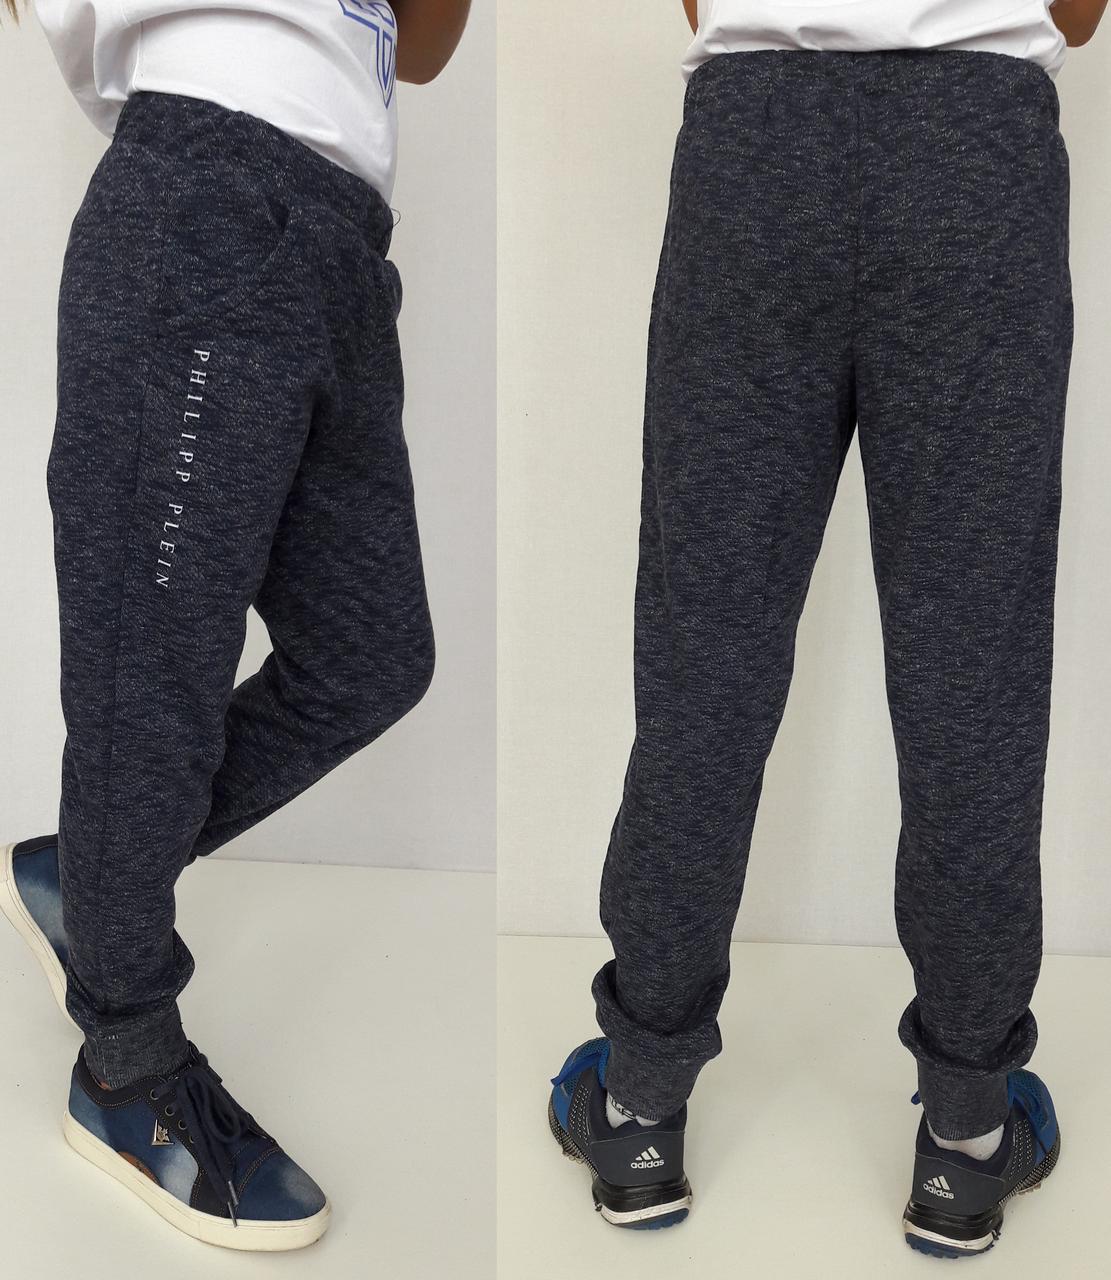 16ebf1f5ac76 Детские спортивные брюки на мальчика, подростка джинс, р.146 -  Интернет-магазин